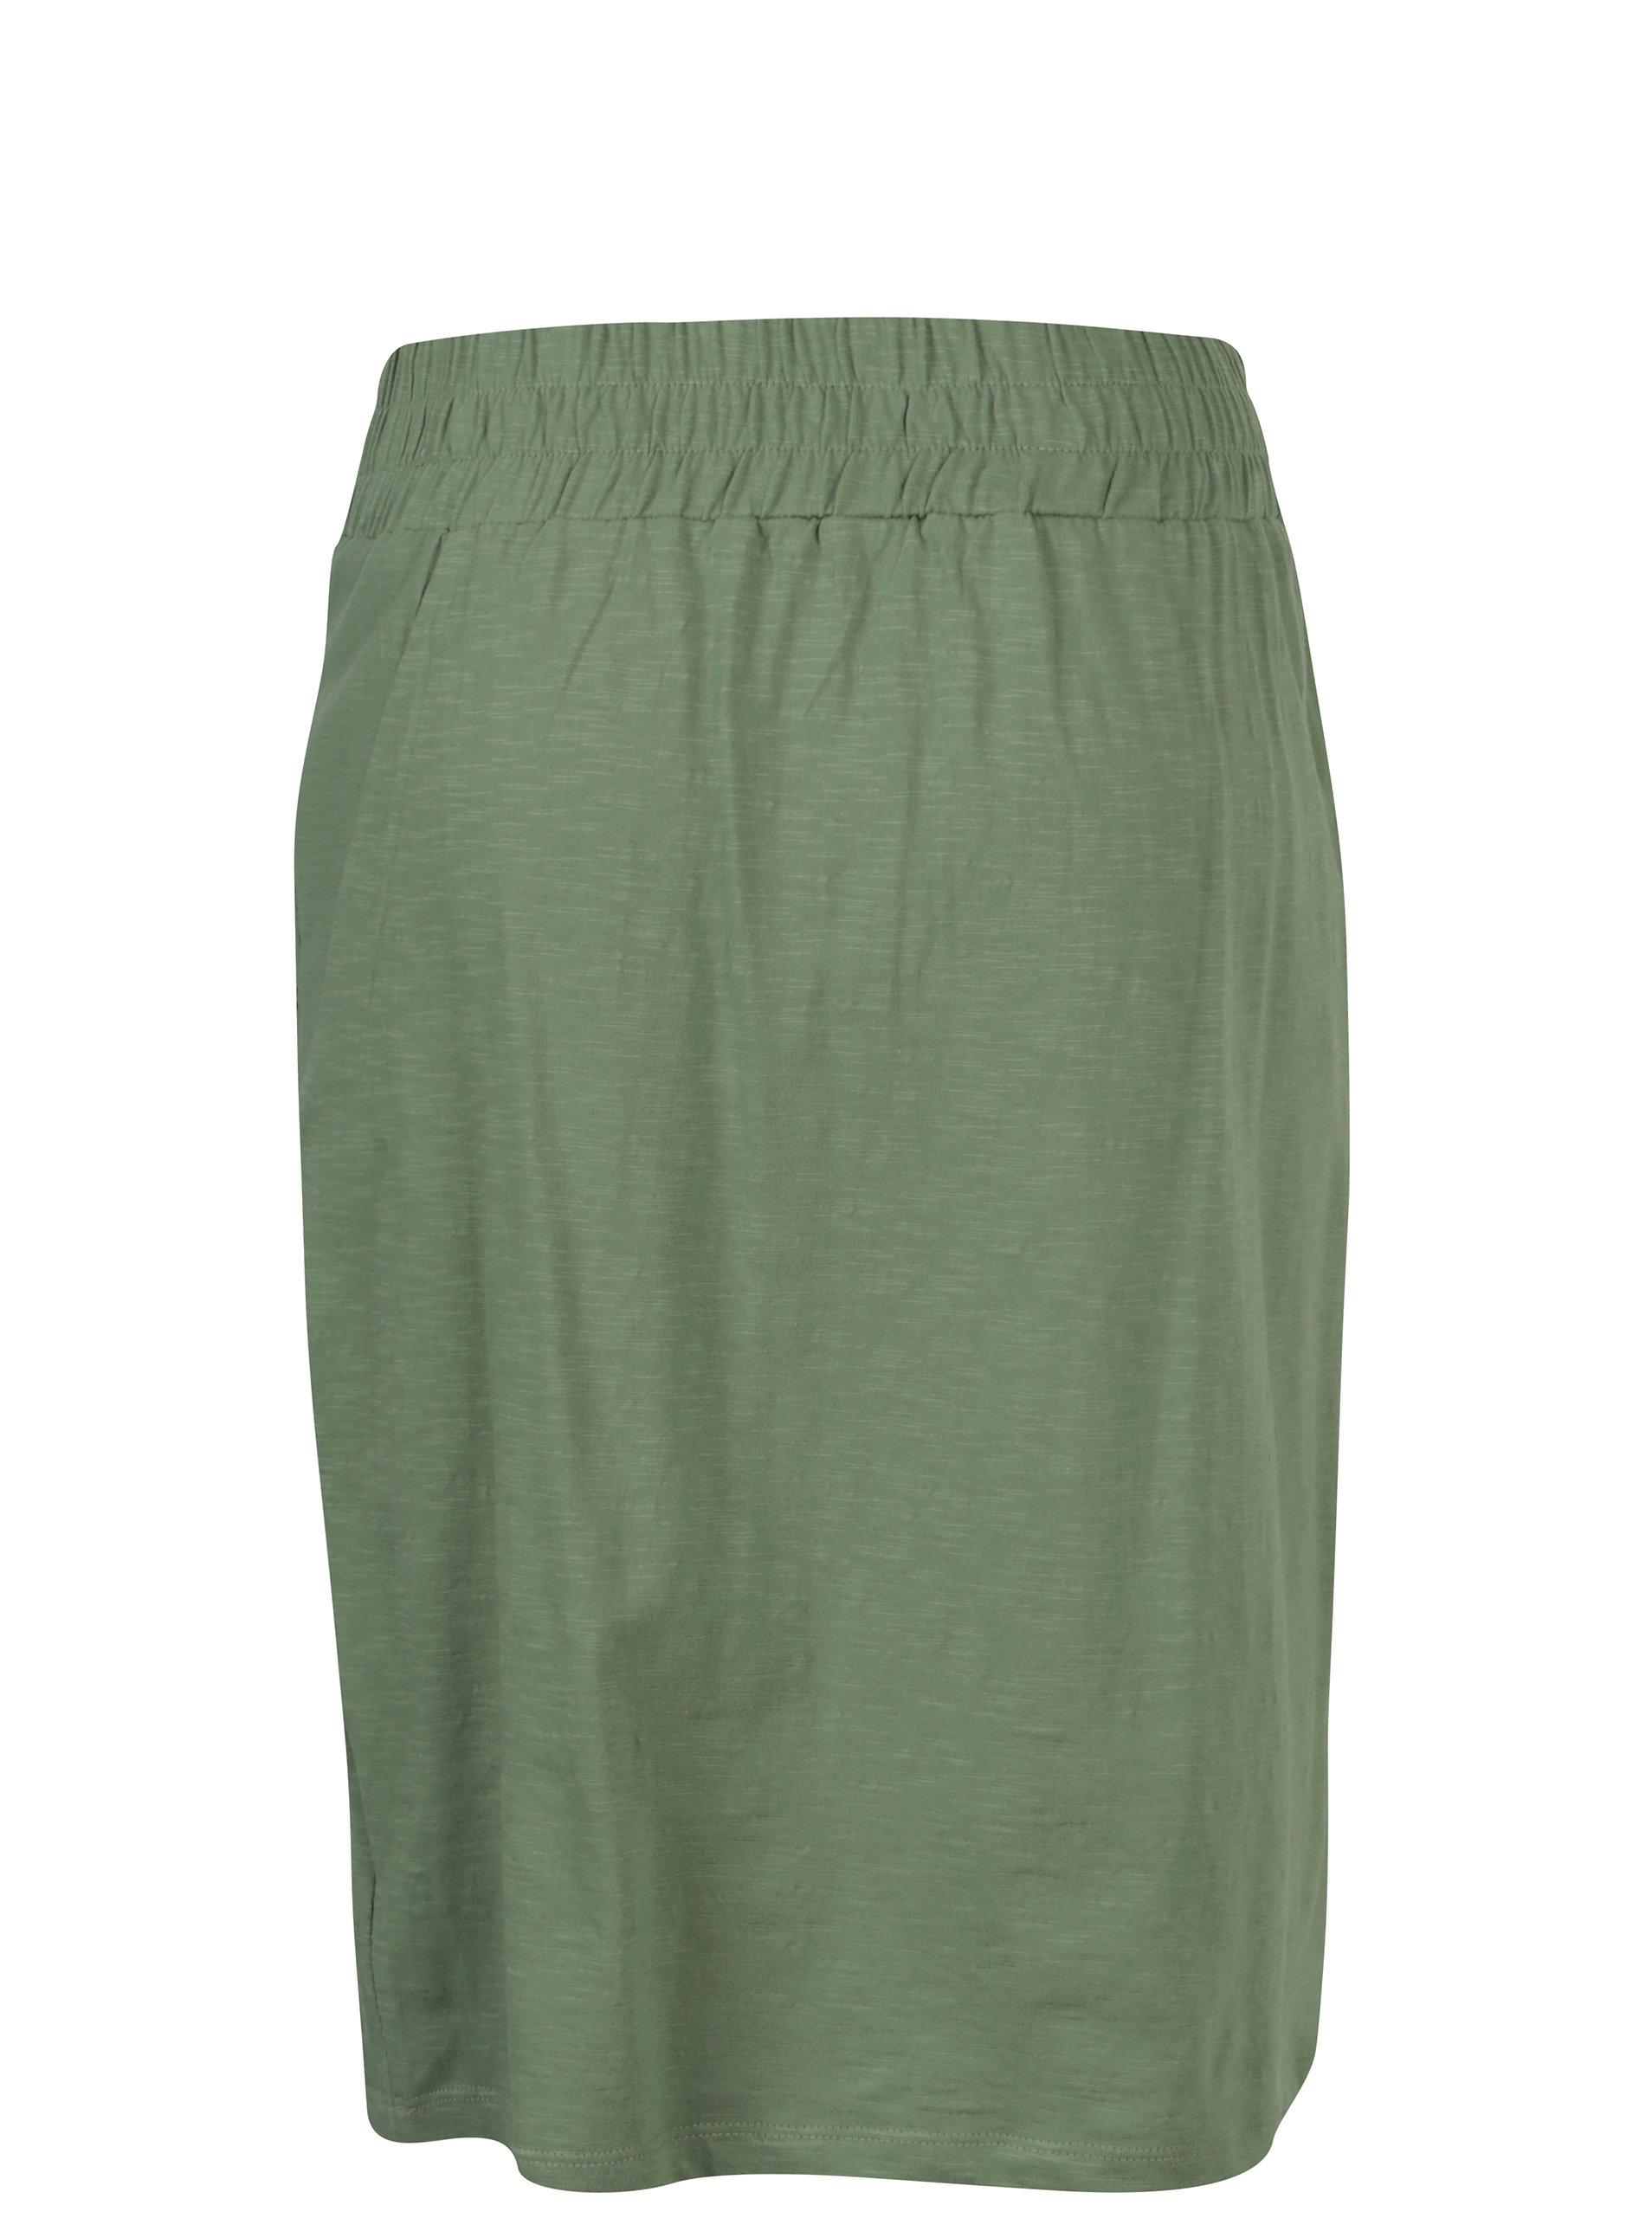 Zelená tepláková sukně s kapsami Tranquillo Leora - SLEVA ... 0cbd61304e